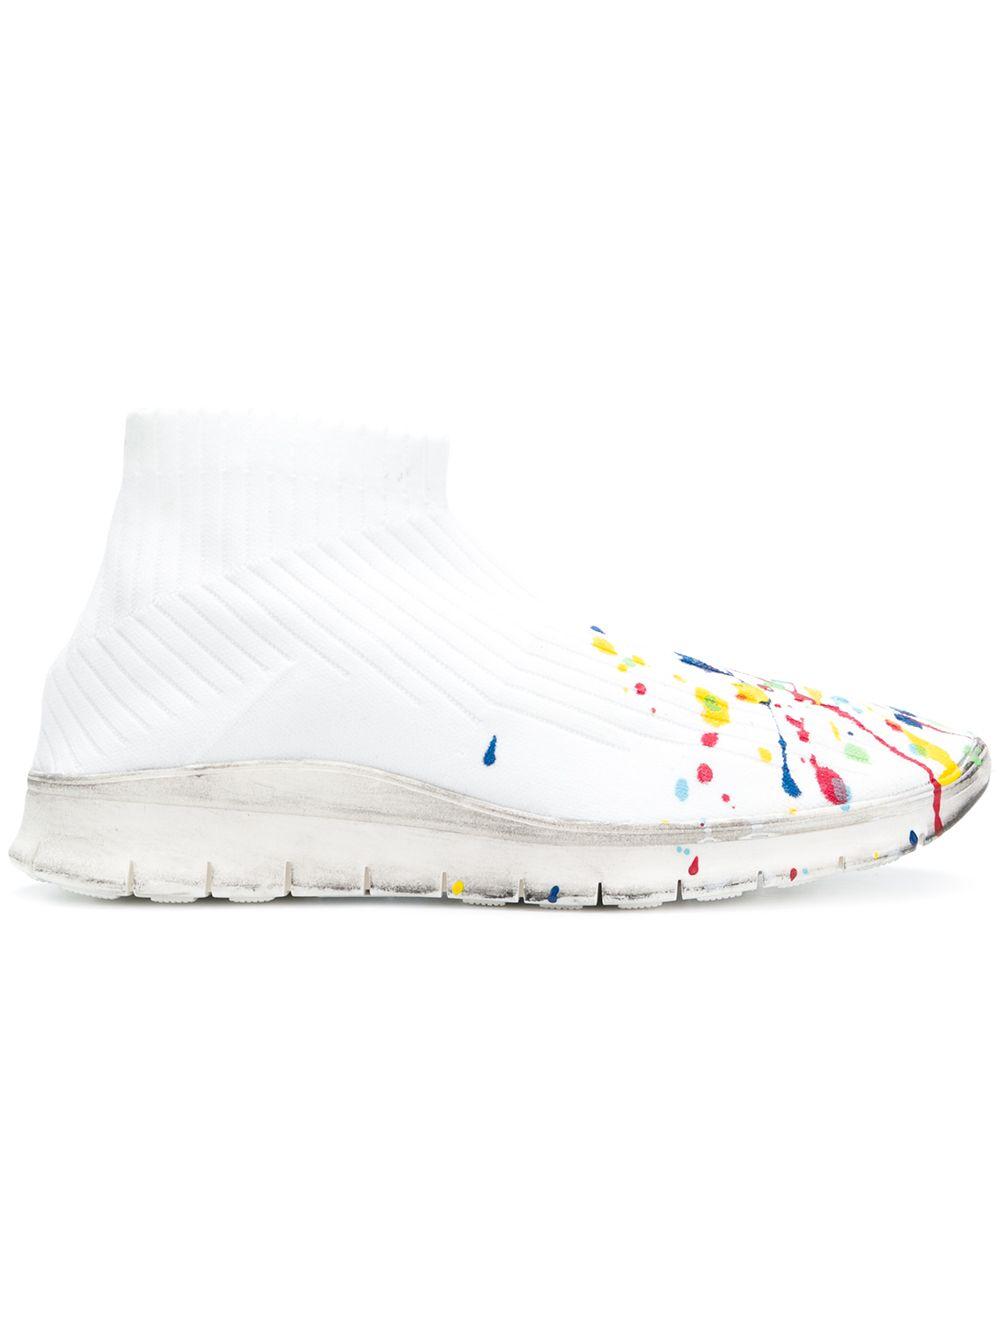 Maison Margiela   кроссовки с носком и эффектом брызг краски   Clouty